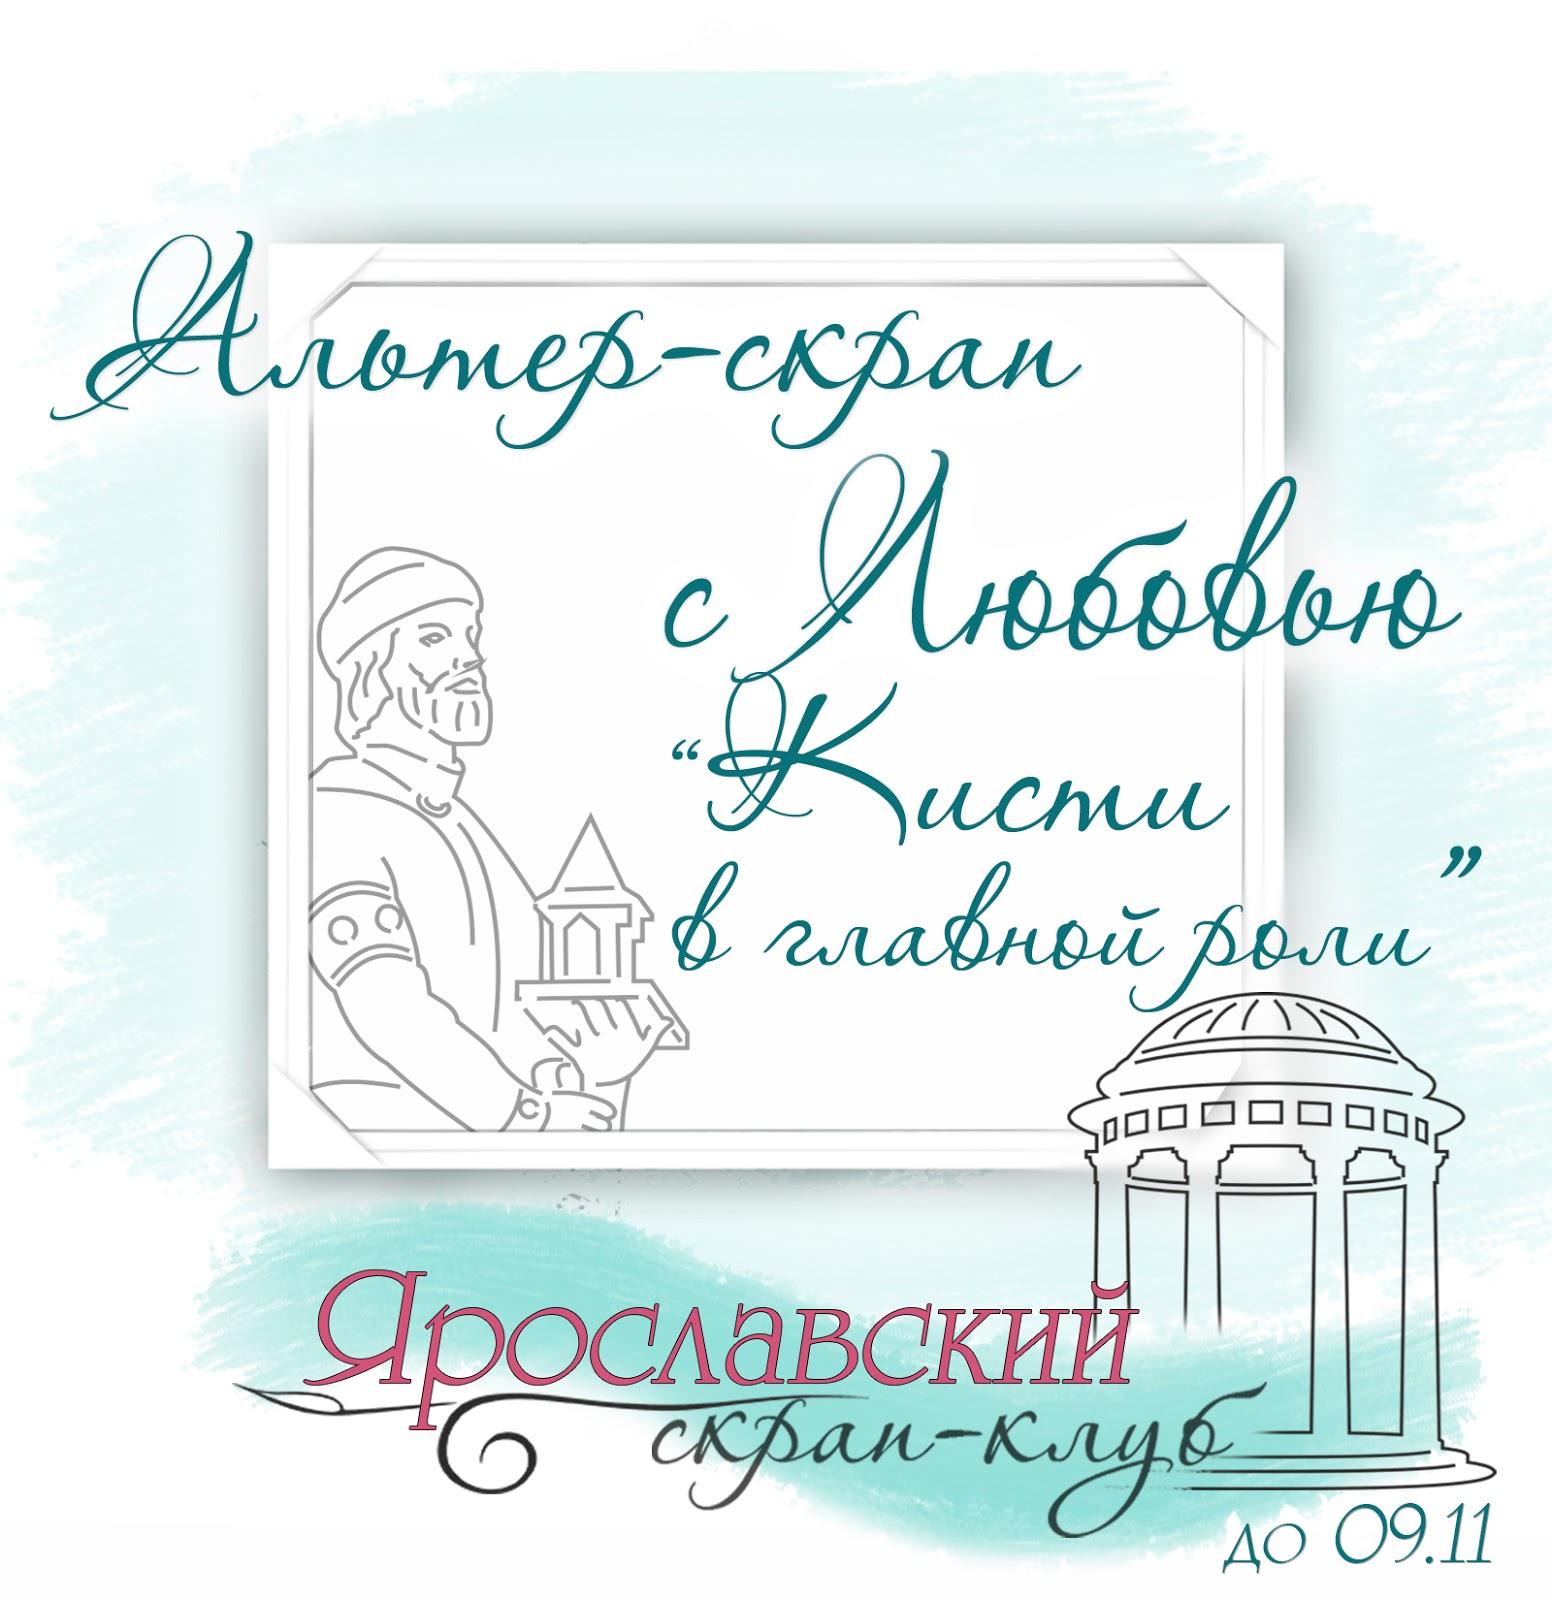 """""""Кисти в главной роли"""" до 09.11.17"""